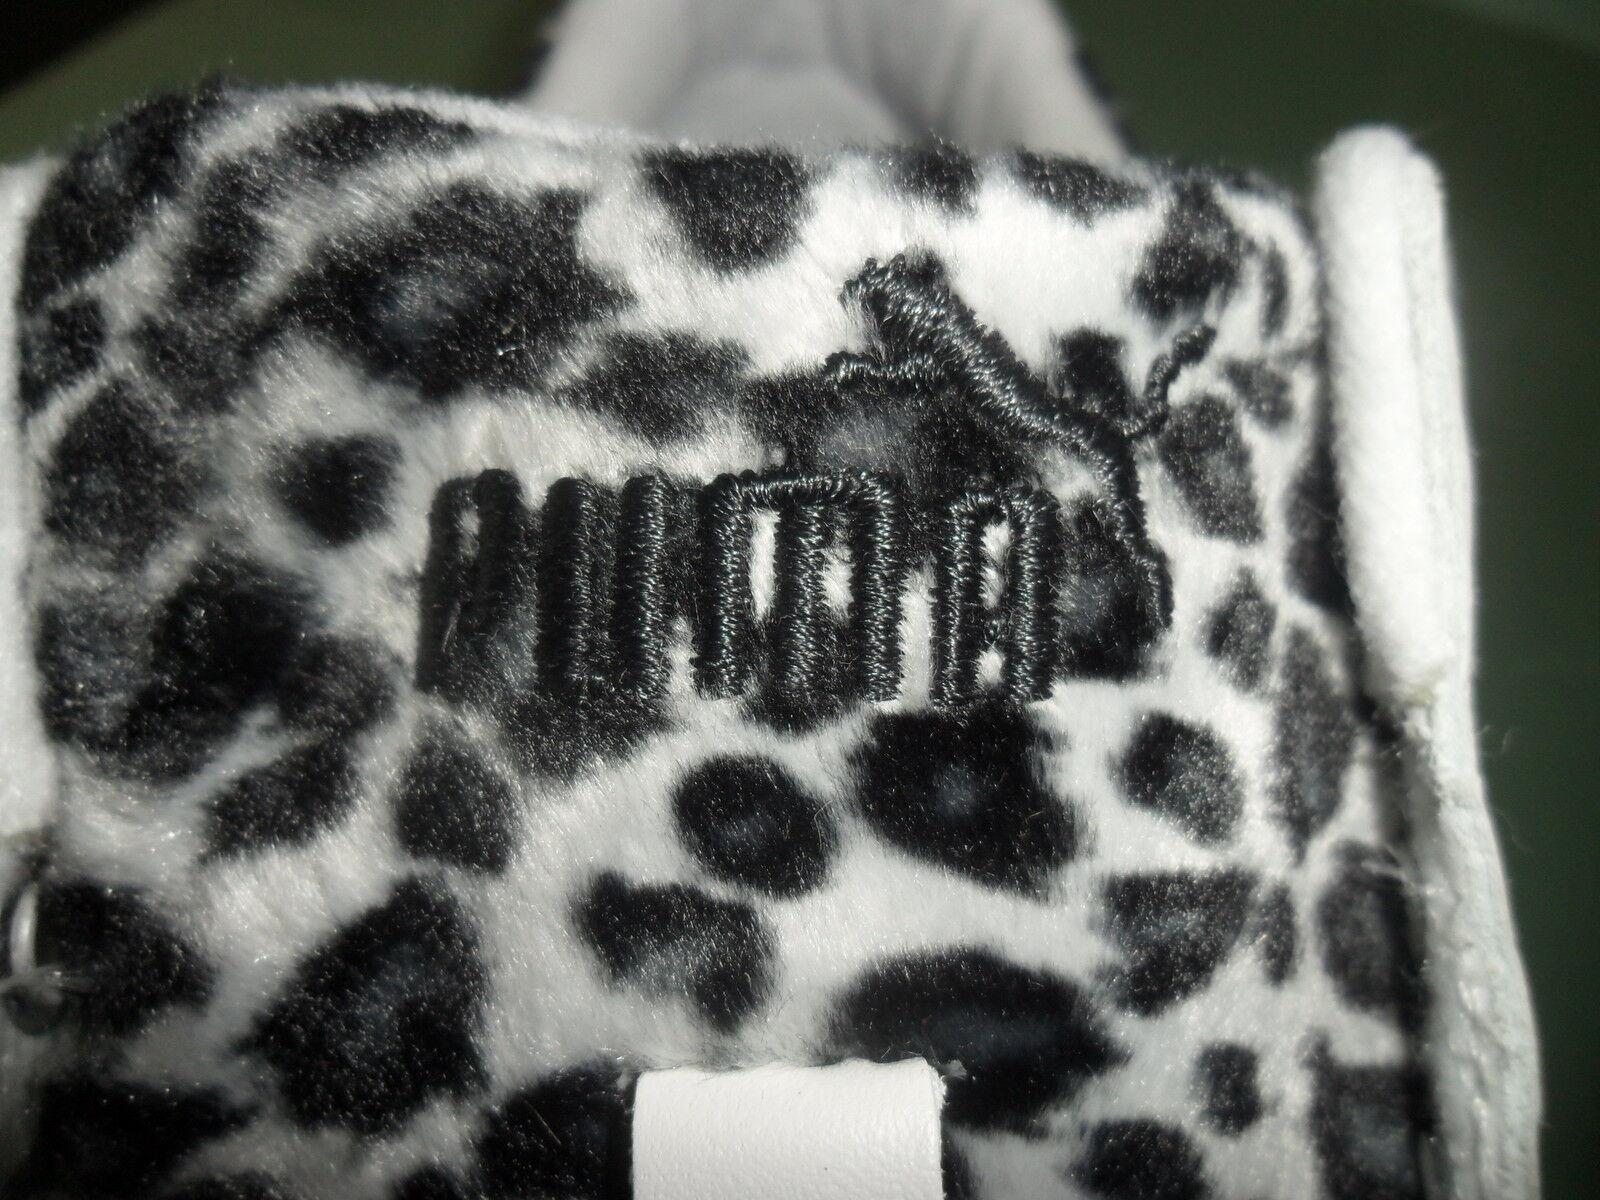 Selten - puma my-20 snow leopard leopard snow - mihara yasuhiro furio katze zukunft geschwindigkeit schuhe - mens. ffab96